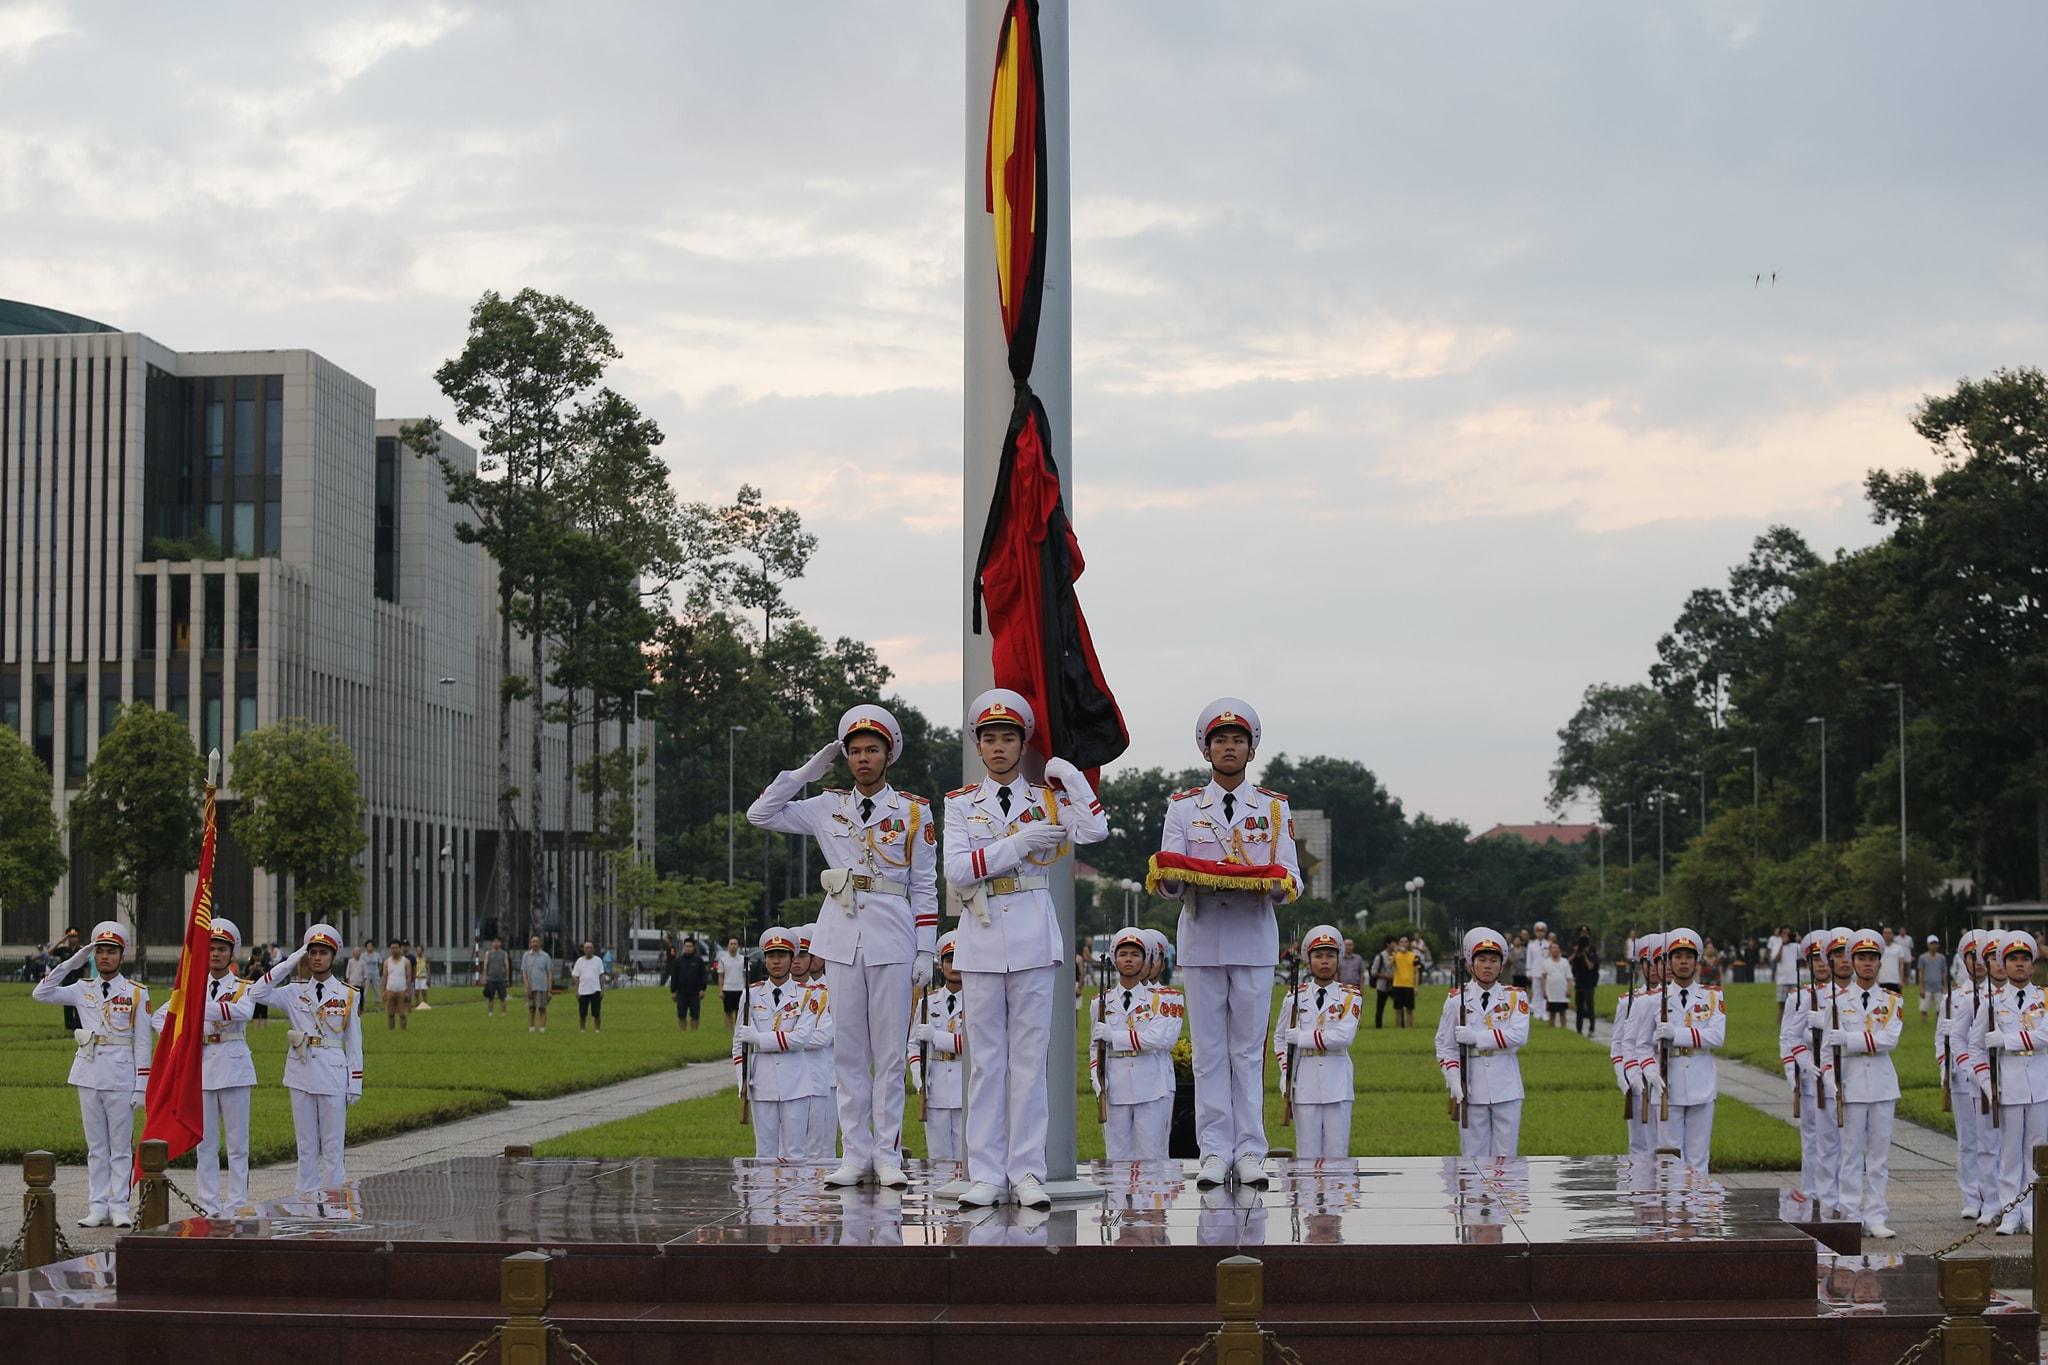 Lãnh đạo các Đảng, tổ chức quốc tế gửi Điện chia buồn tới lãnh đạo Đảng, nhà nước ta